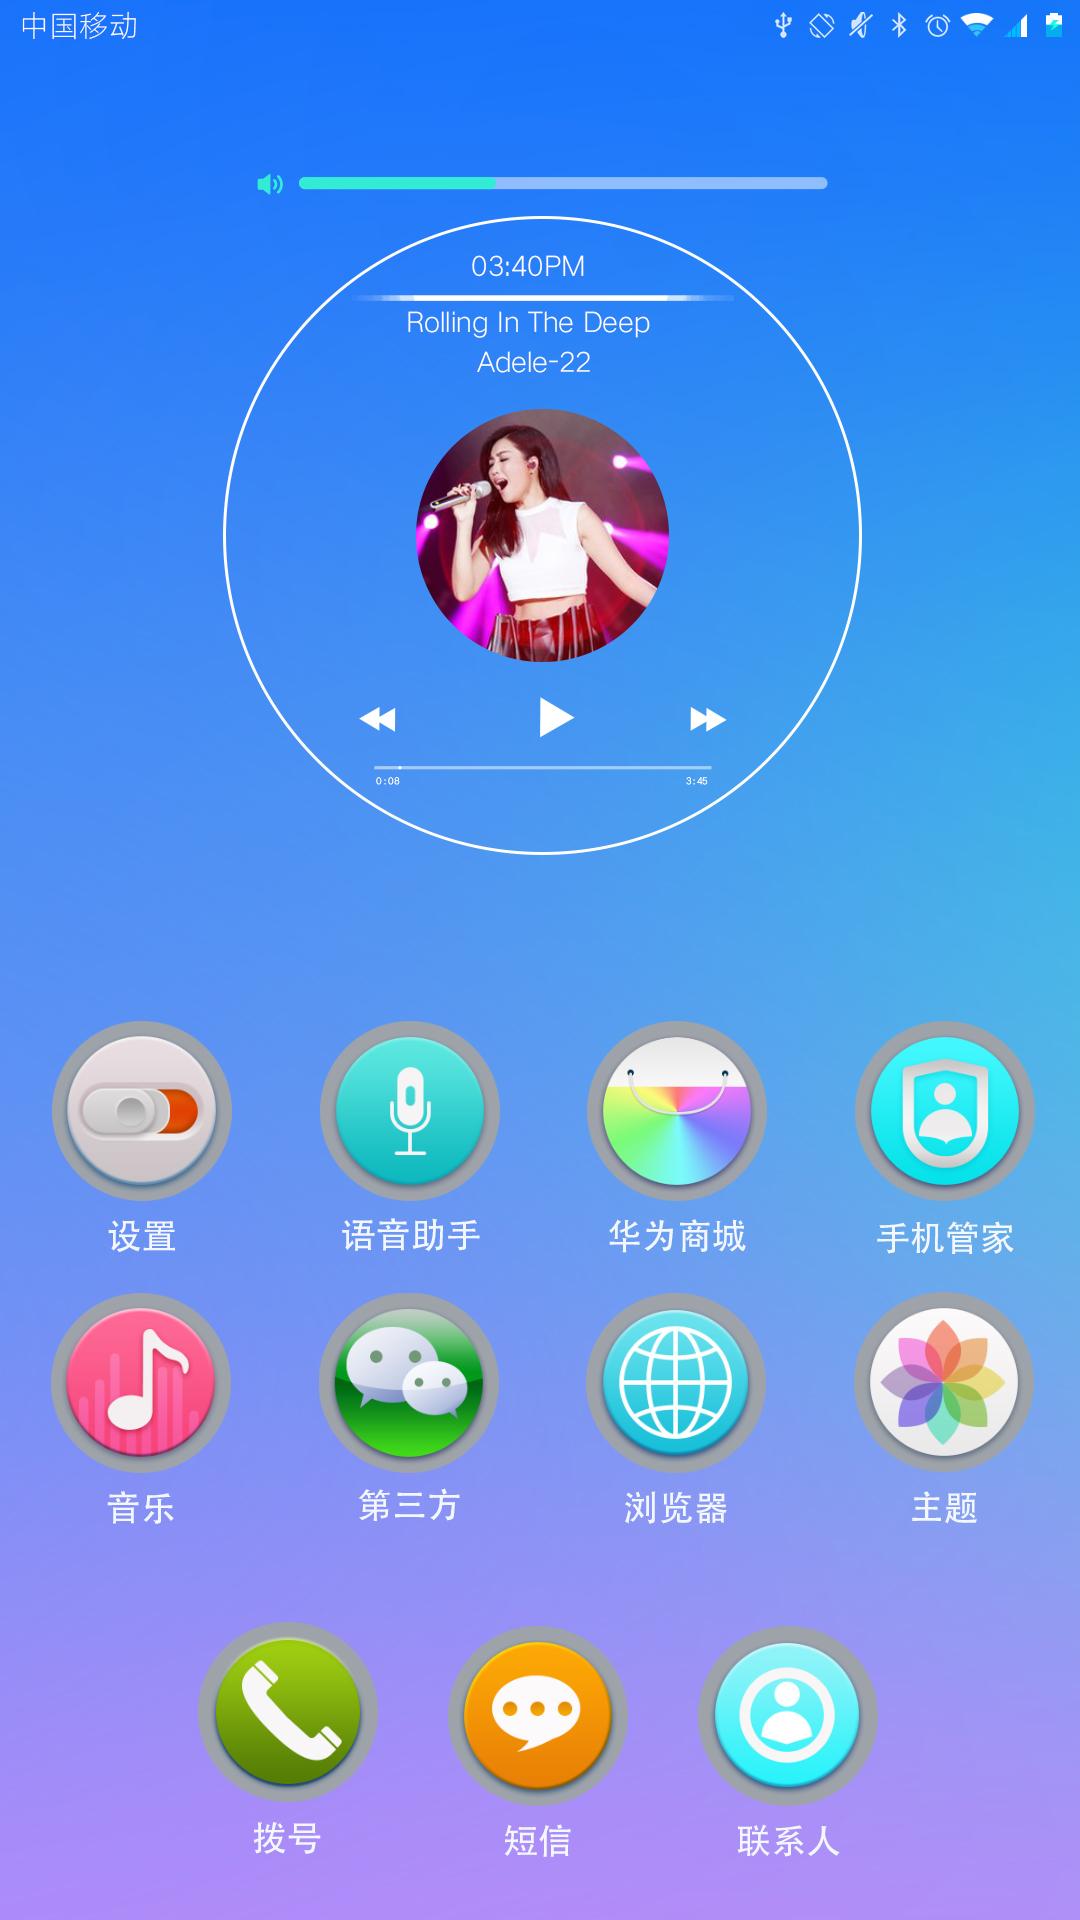 华为手机主题图标展示